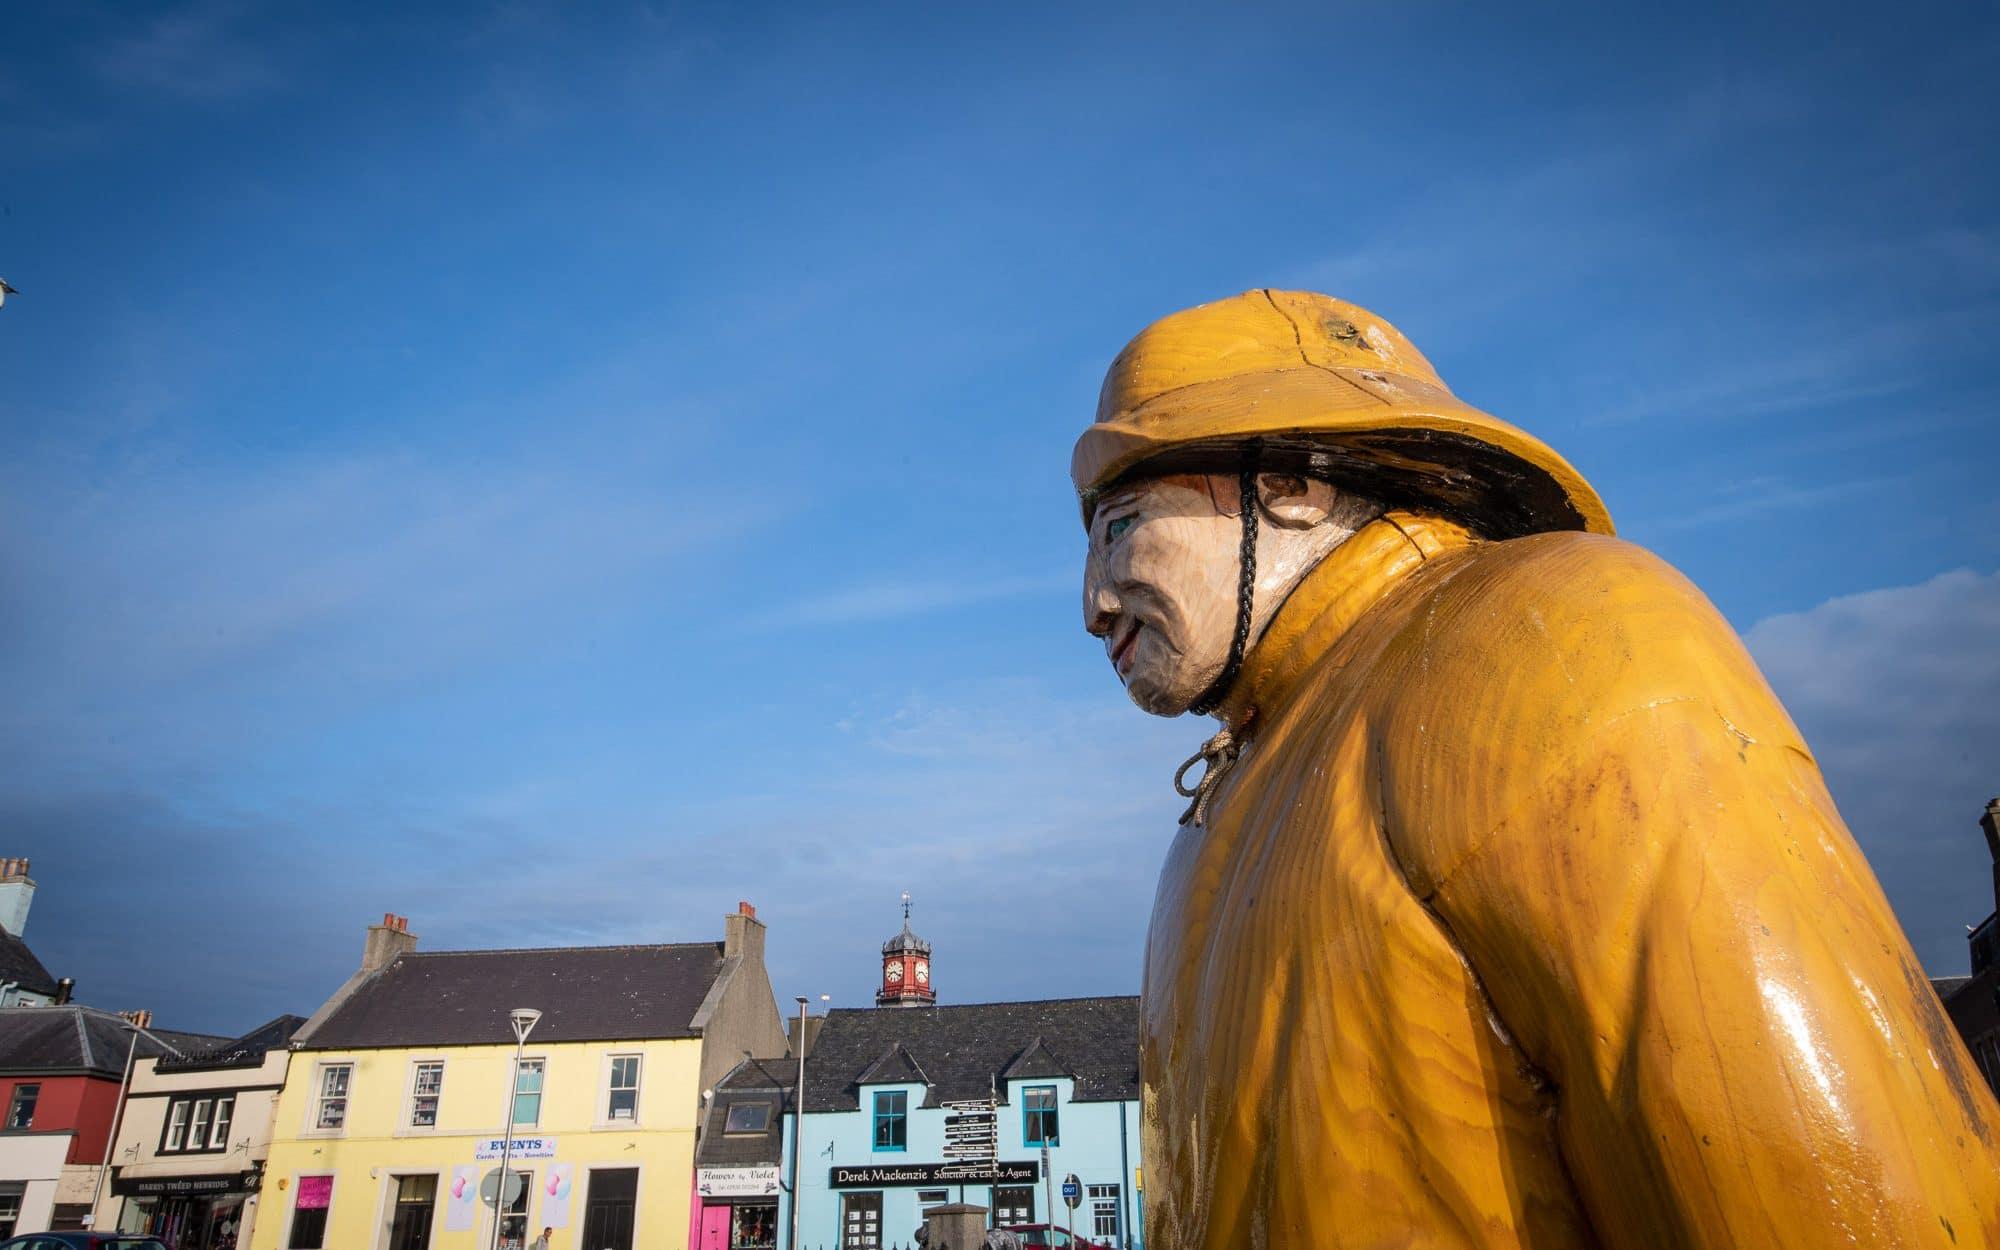 Le pêcheur de Stornoway Écosse